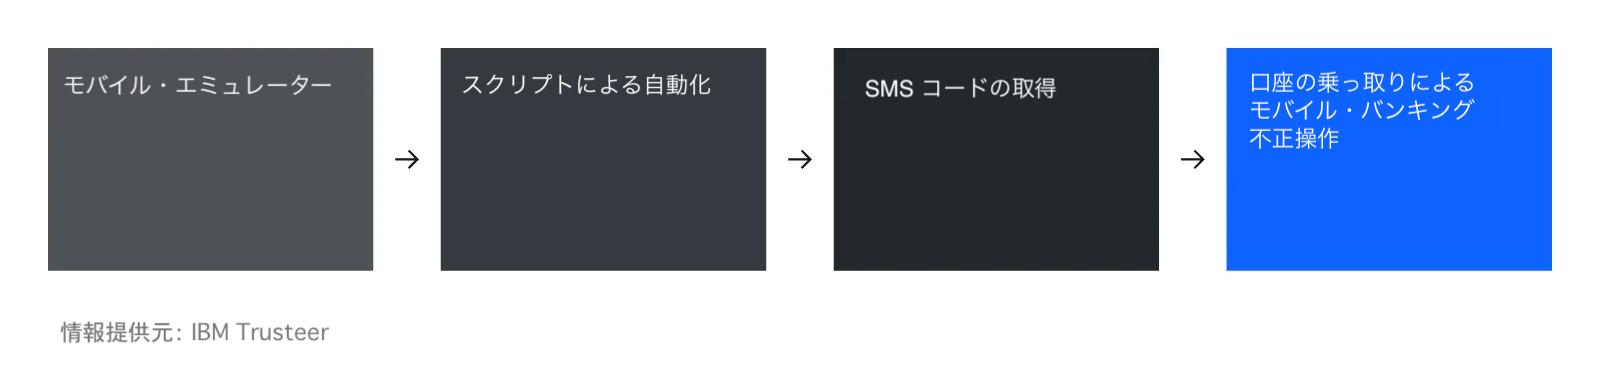 図1: 大規模なモバイル口座不正アクセスの流れ